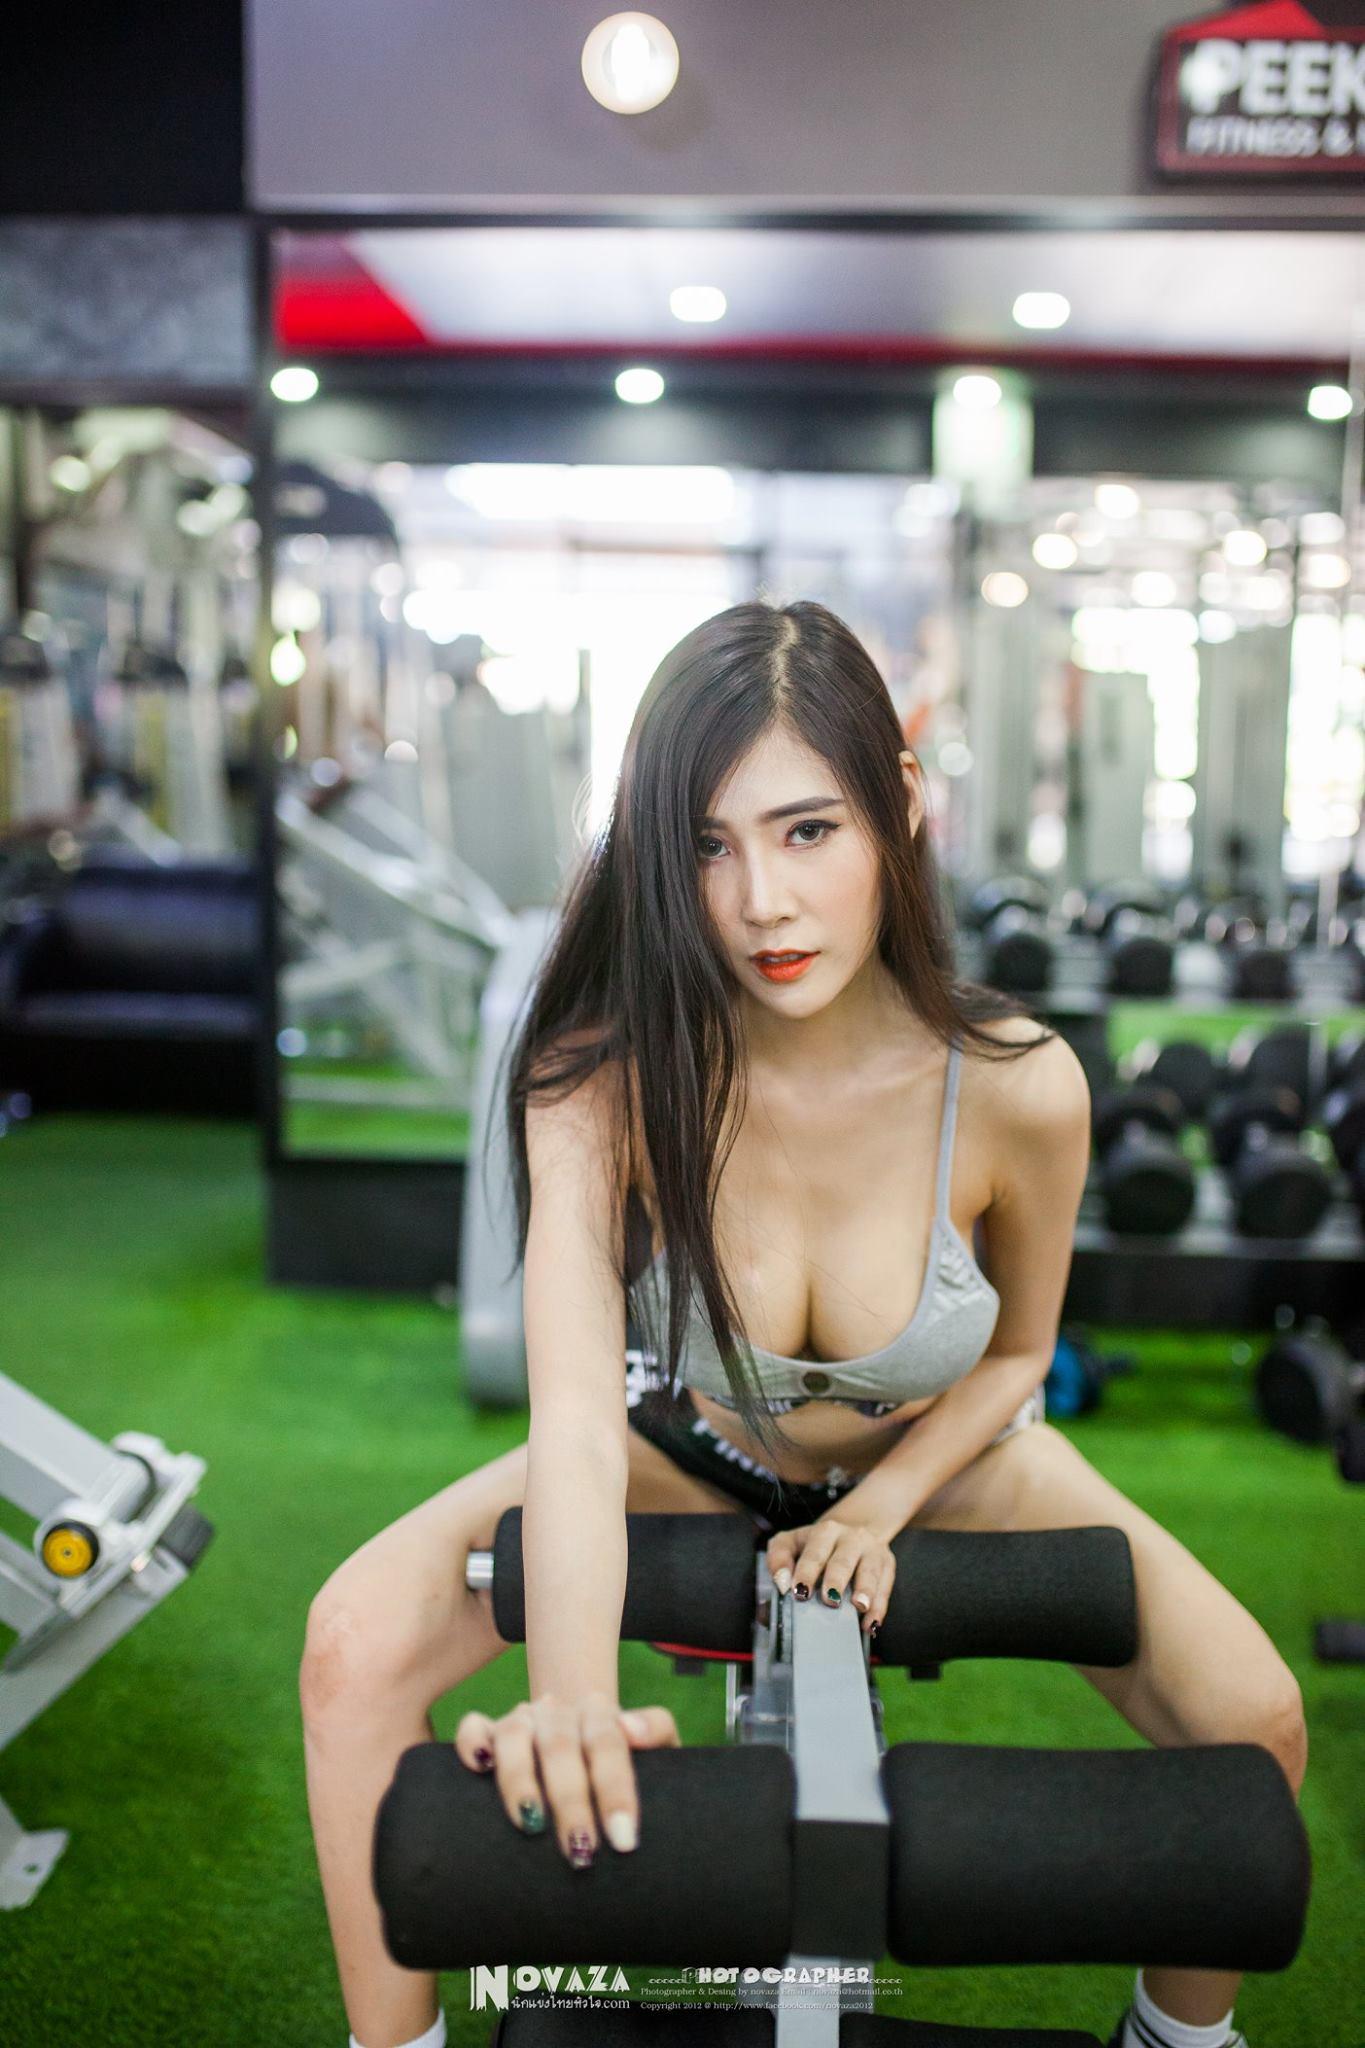 Fitness Time - Chompoo'monthiya Wongjiroj